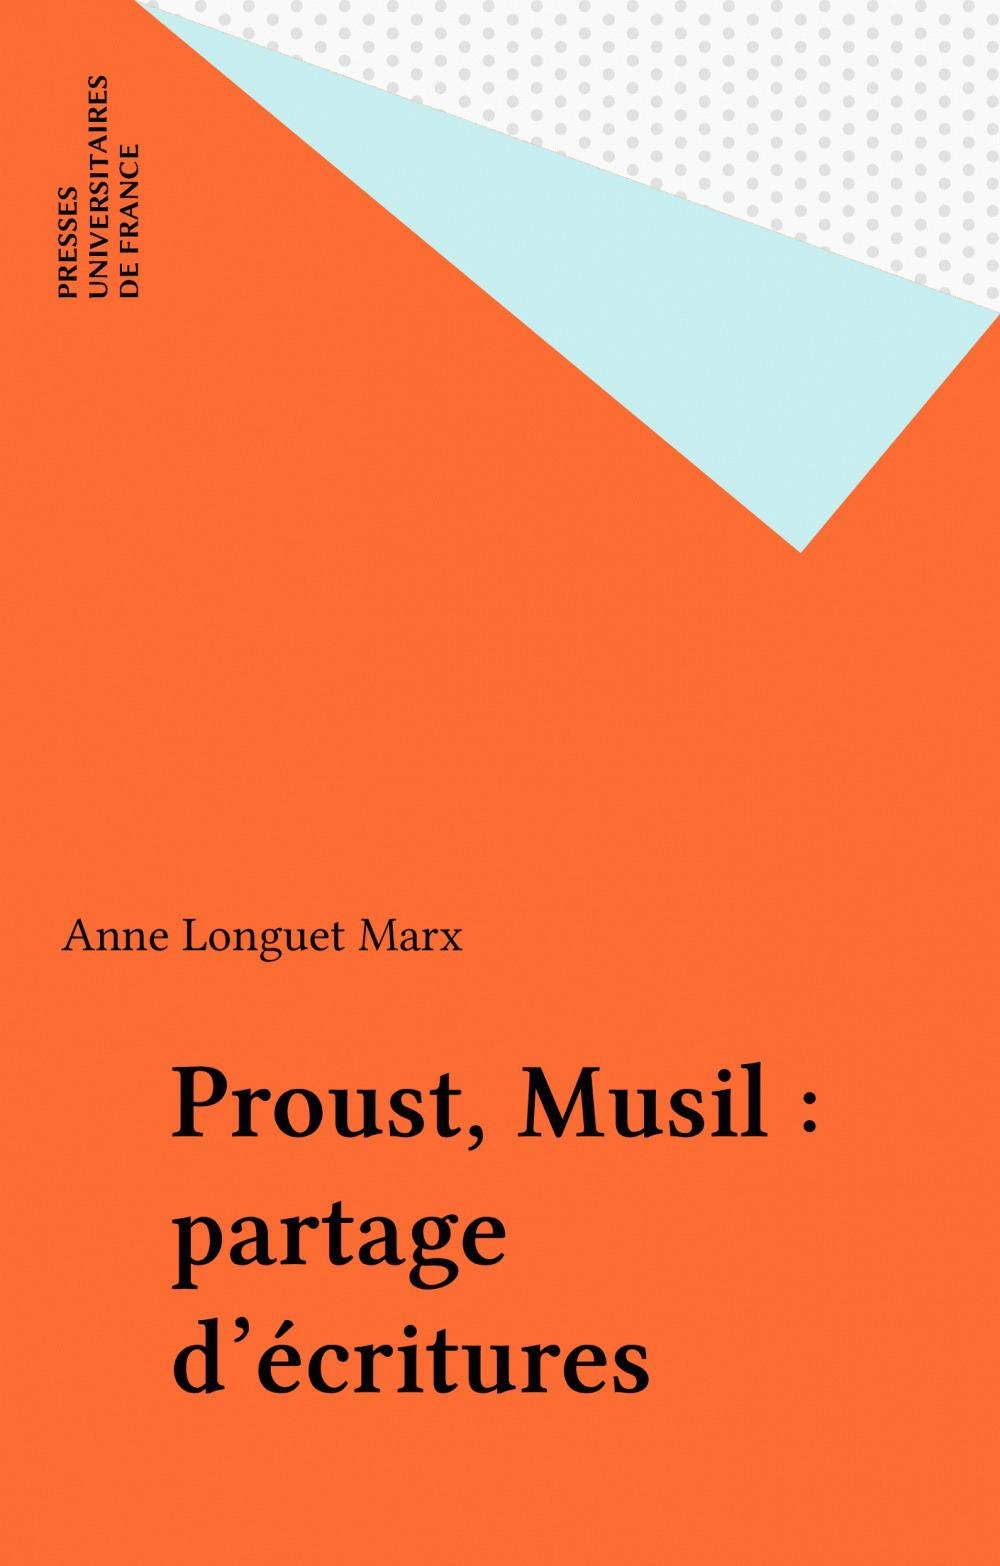 Proust, musil, partage d'ecritures